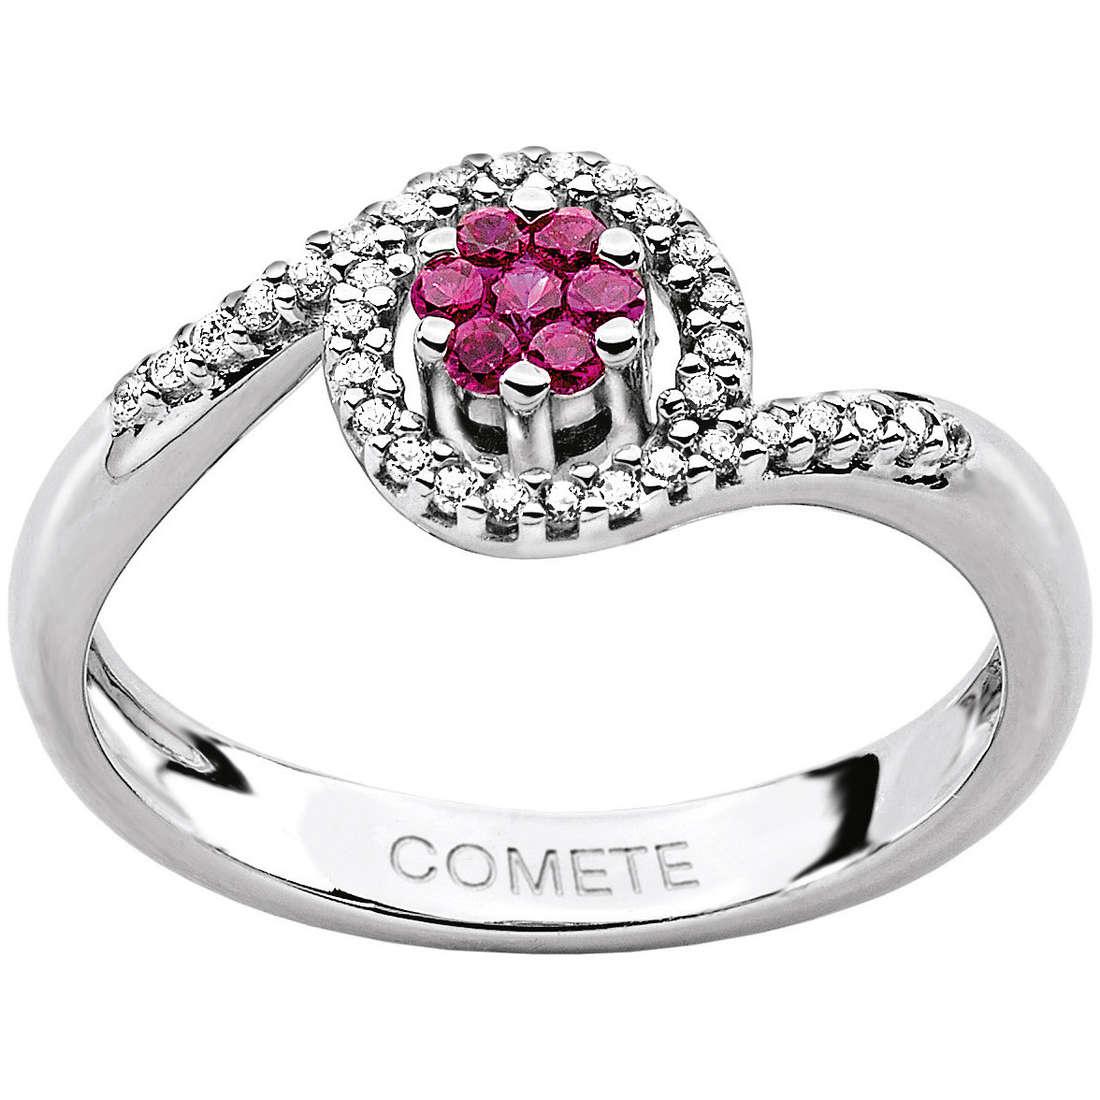 anello donna gioielli Comete Pietre preziose colorate ANB 1387